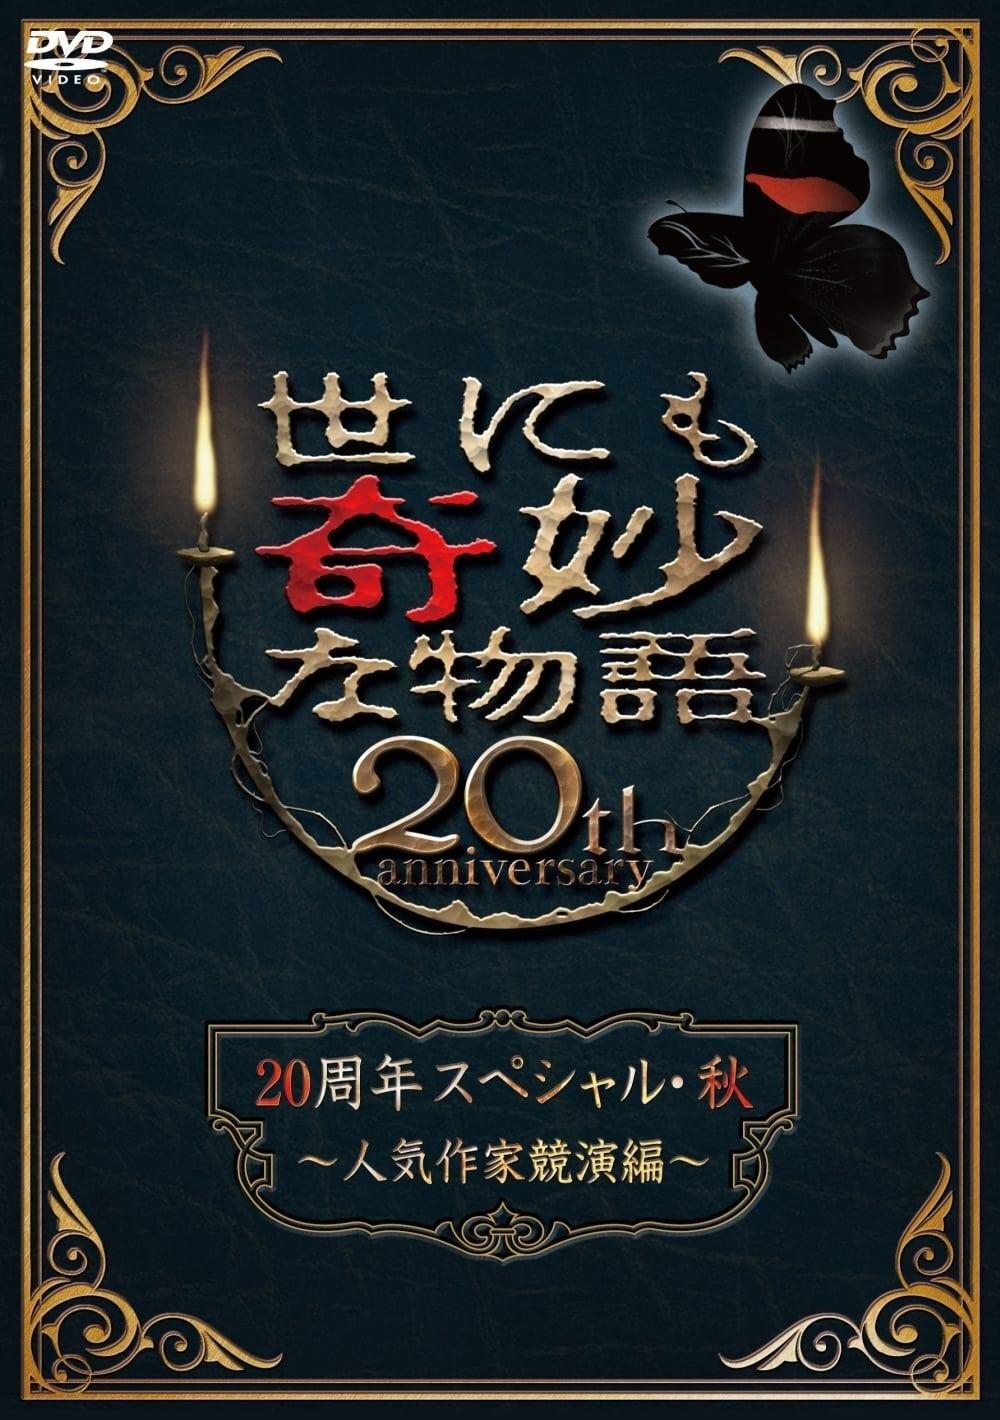 世にも奇妙な物語 20周年スペシャル・秋 ~人気作家競演編~ Movie Streaming Online